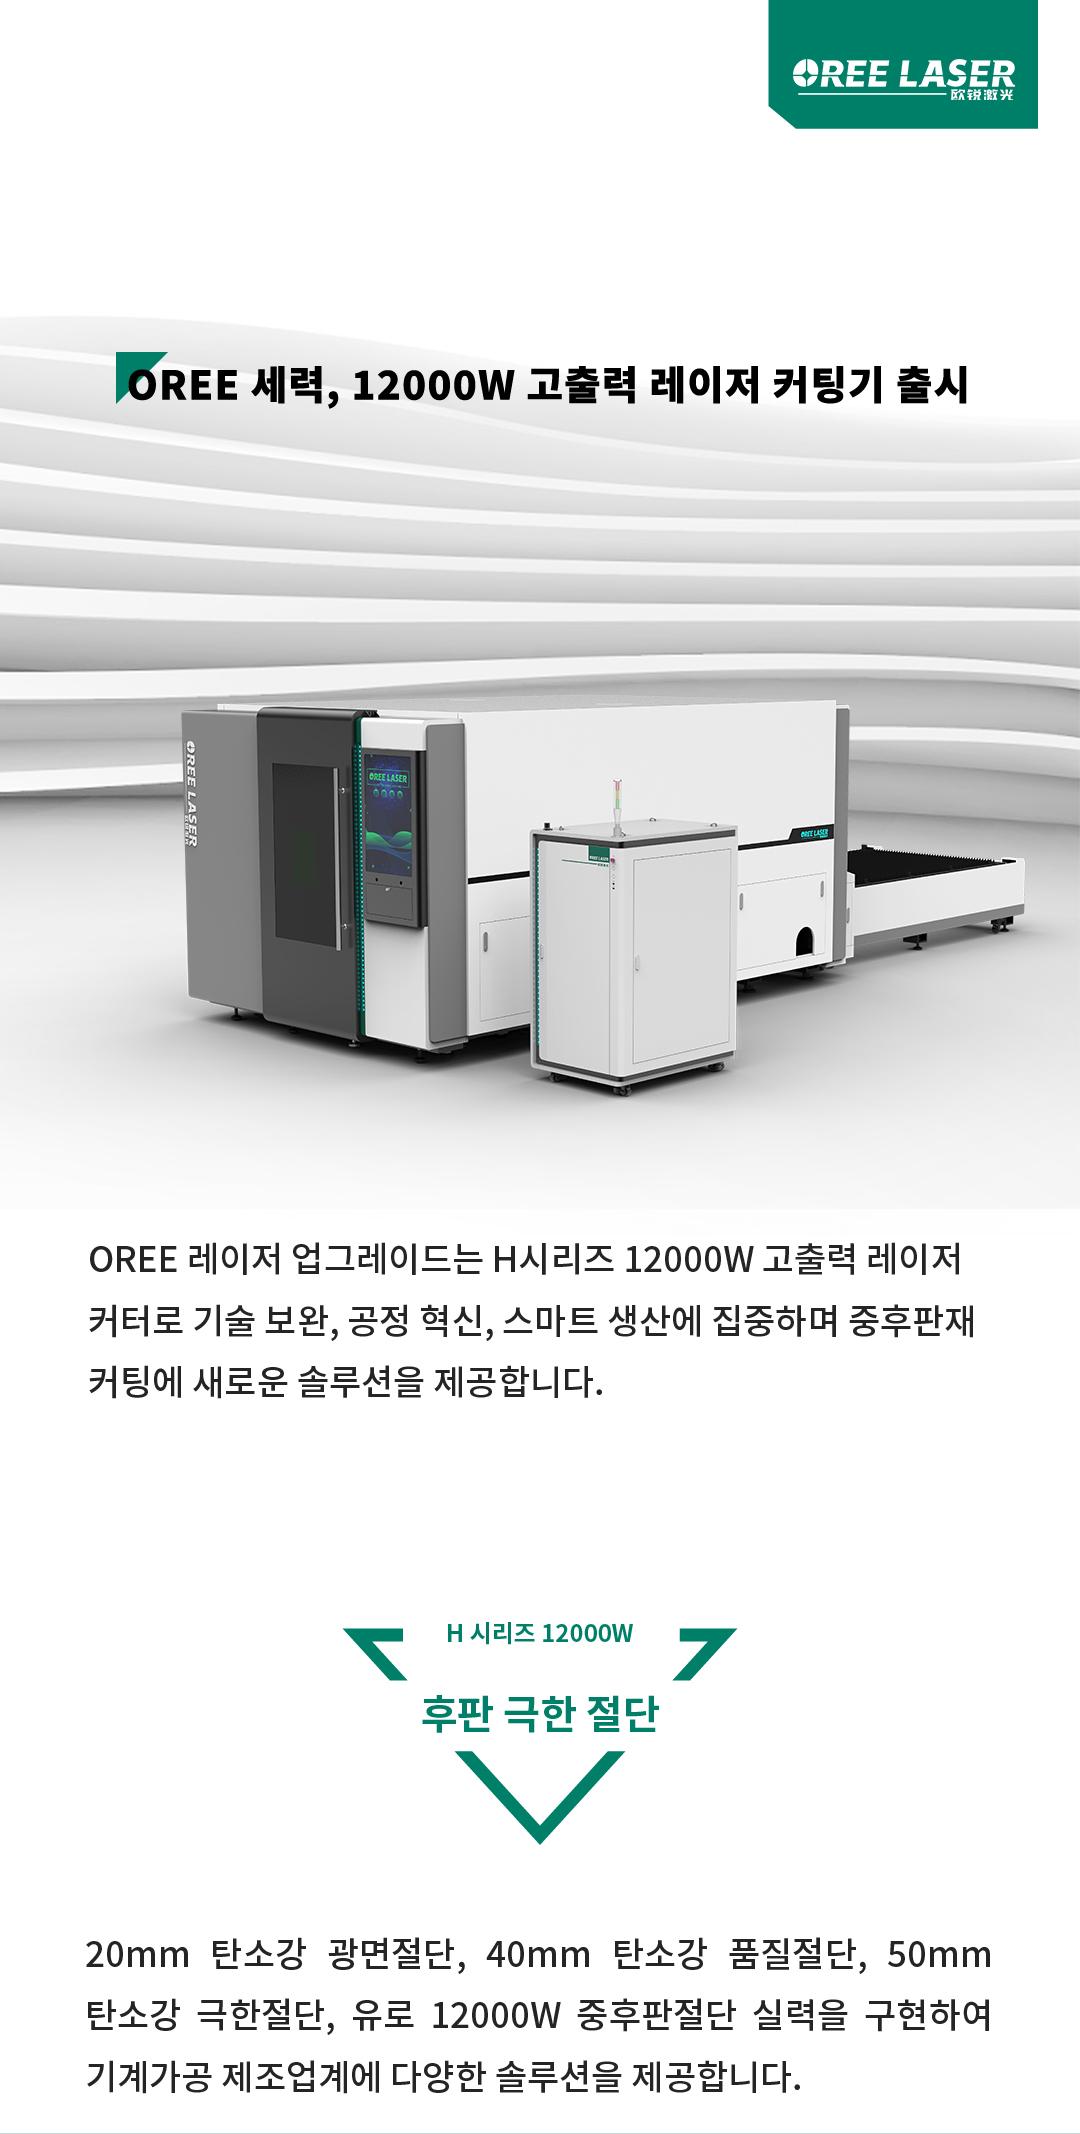 欧锐激光推出12000W高功率激光切割机韩语-01_01.jpg